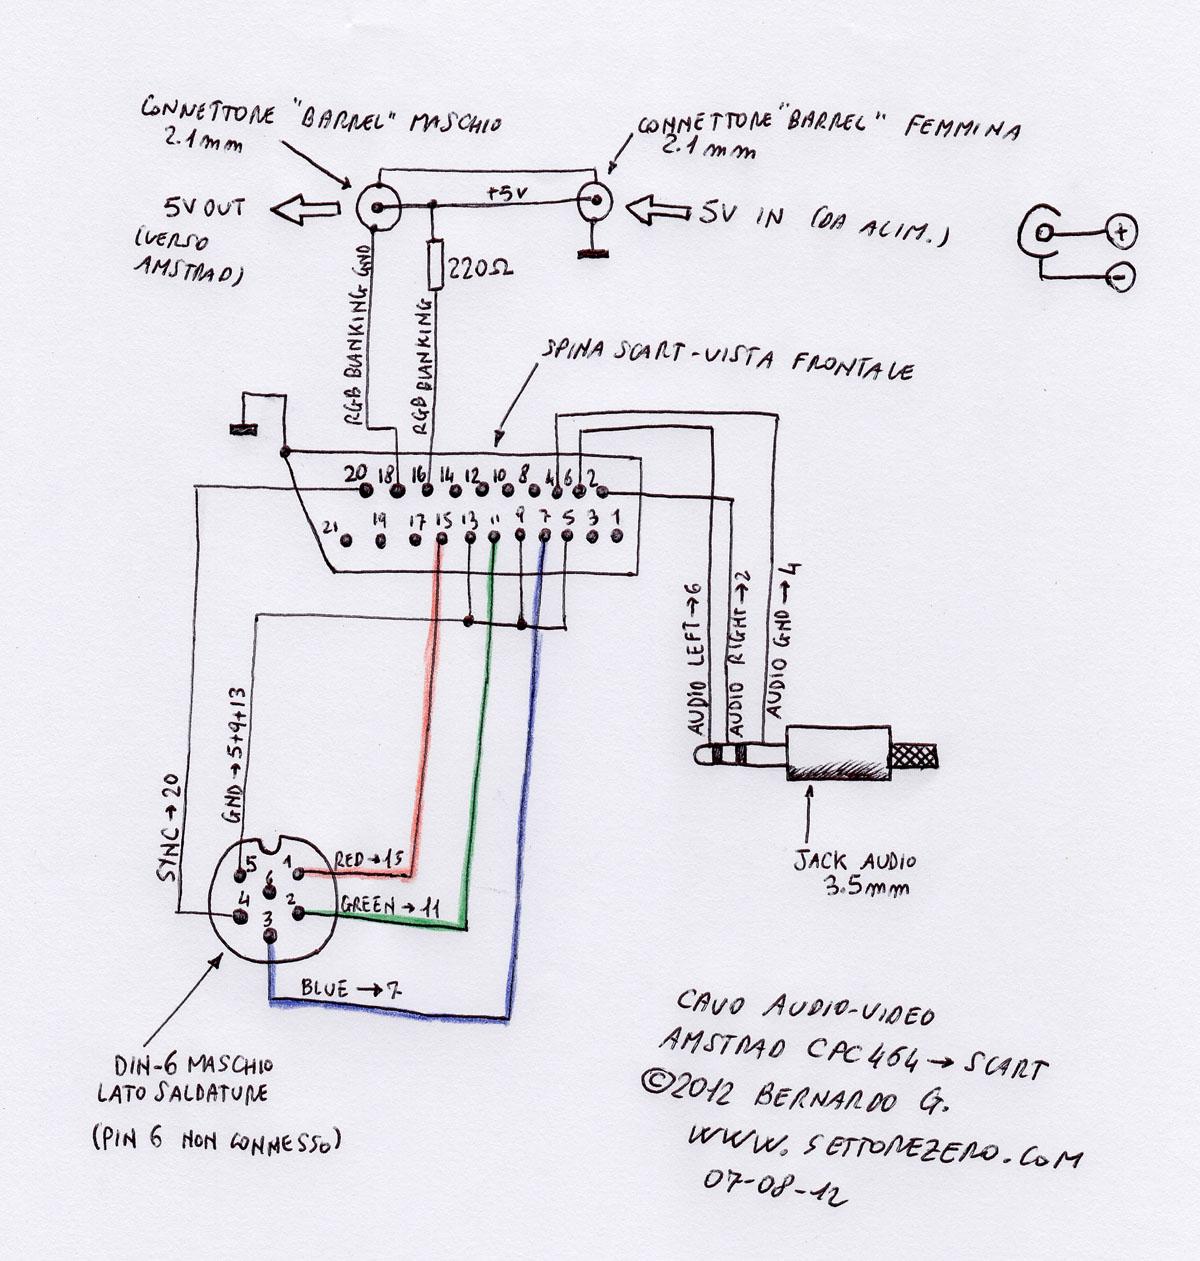 cavo audio  video amstrad cpc464